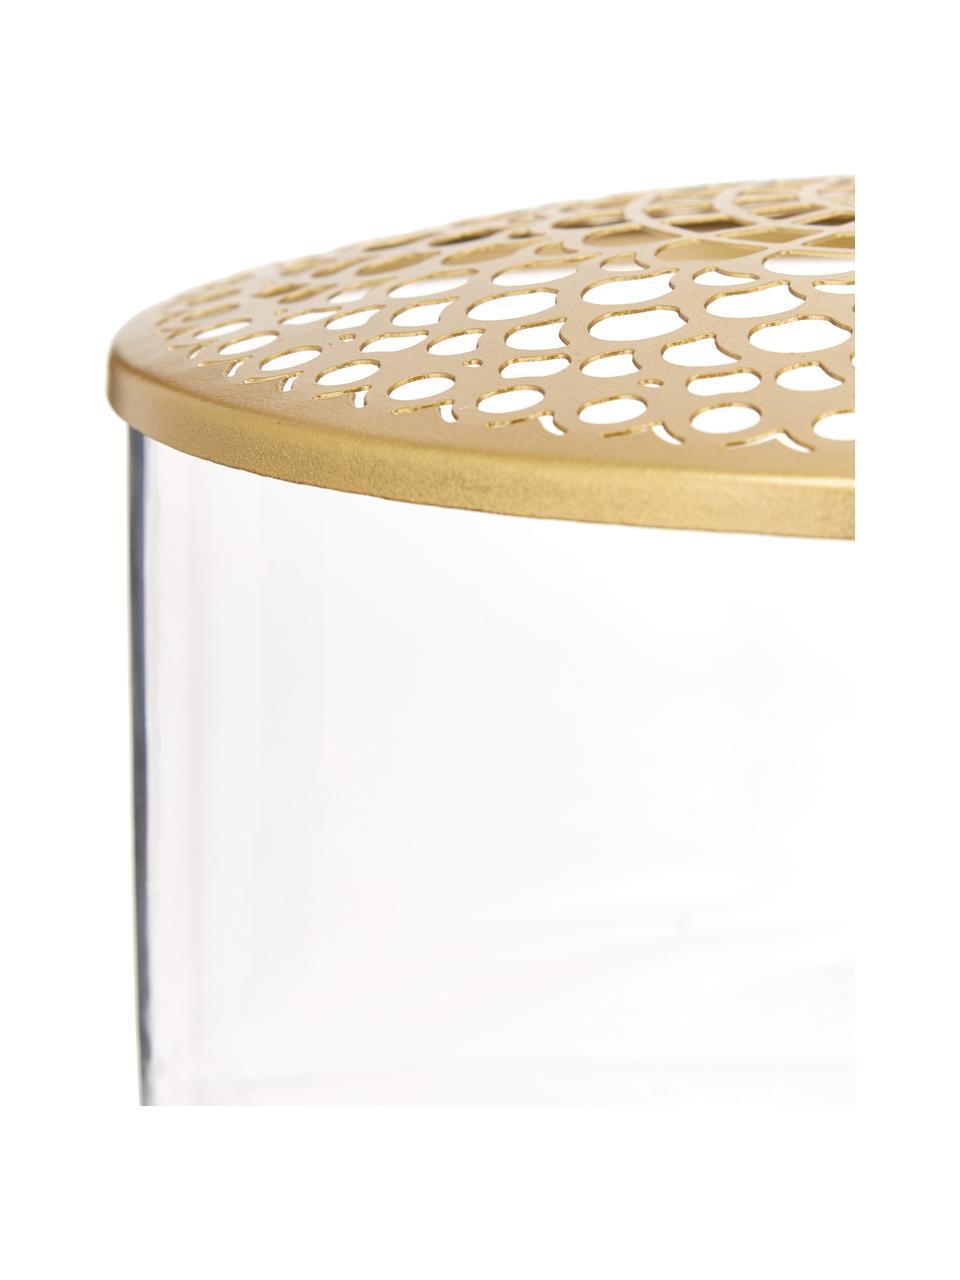 Kleine Glas-Vase Kassandra mit Metalldeckel, Vase: Glas, Deckel: Edelstahl, vermessingt, Vase: Transparent Deckel: Messing, Ø 21 x H 10 cm